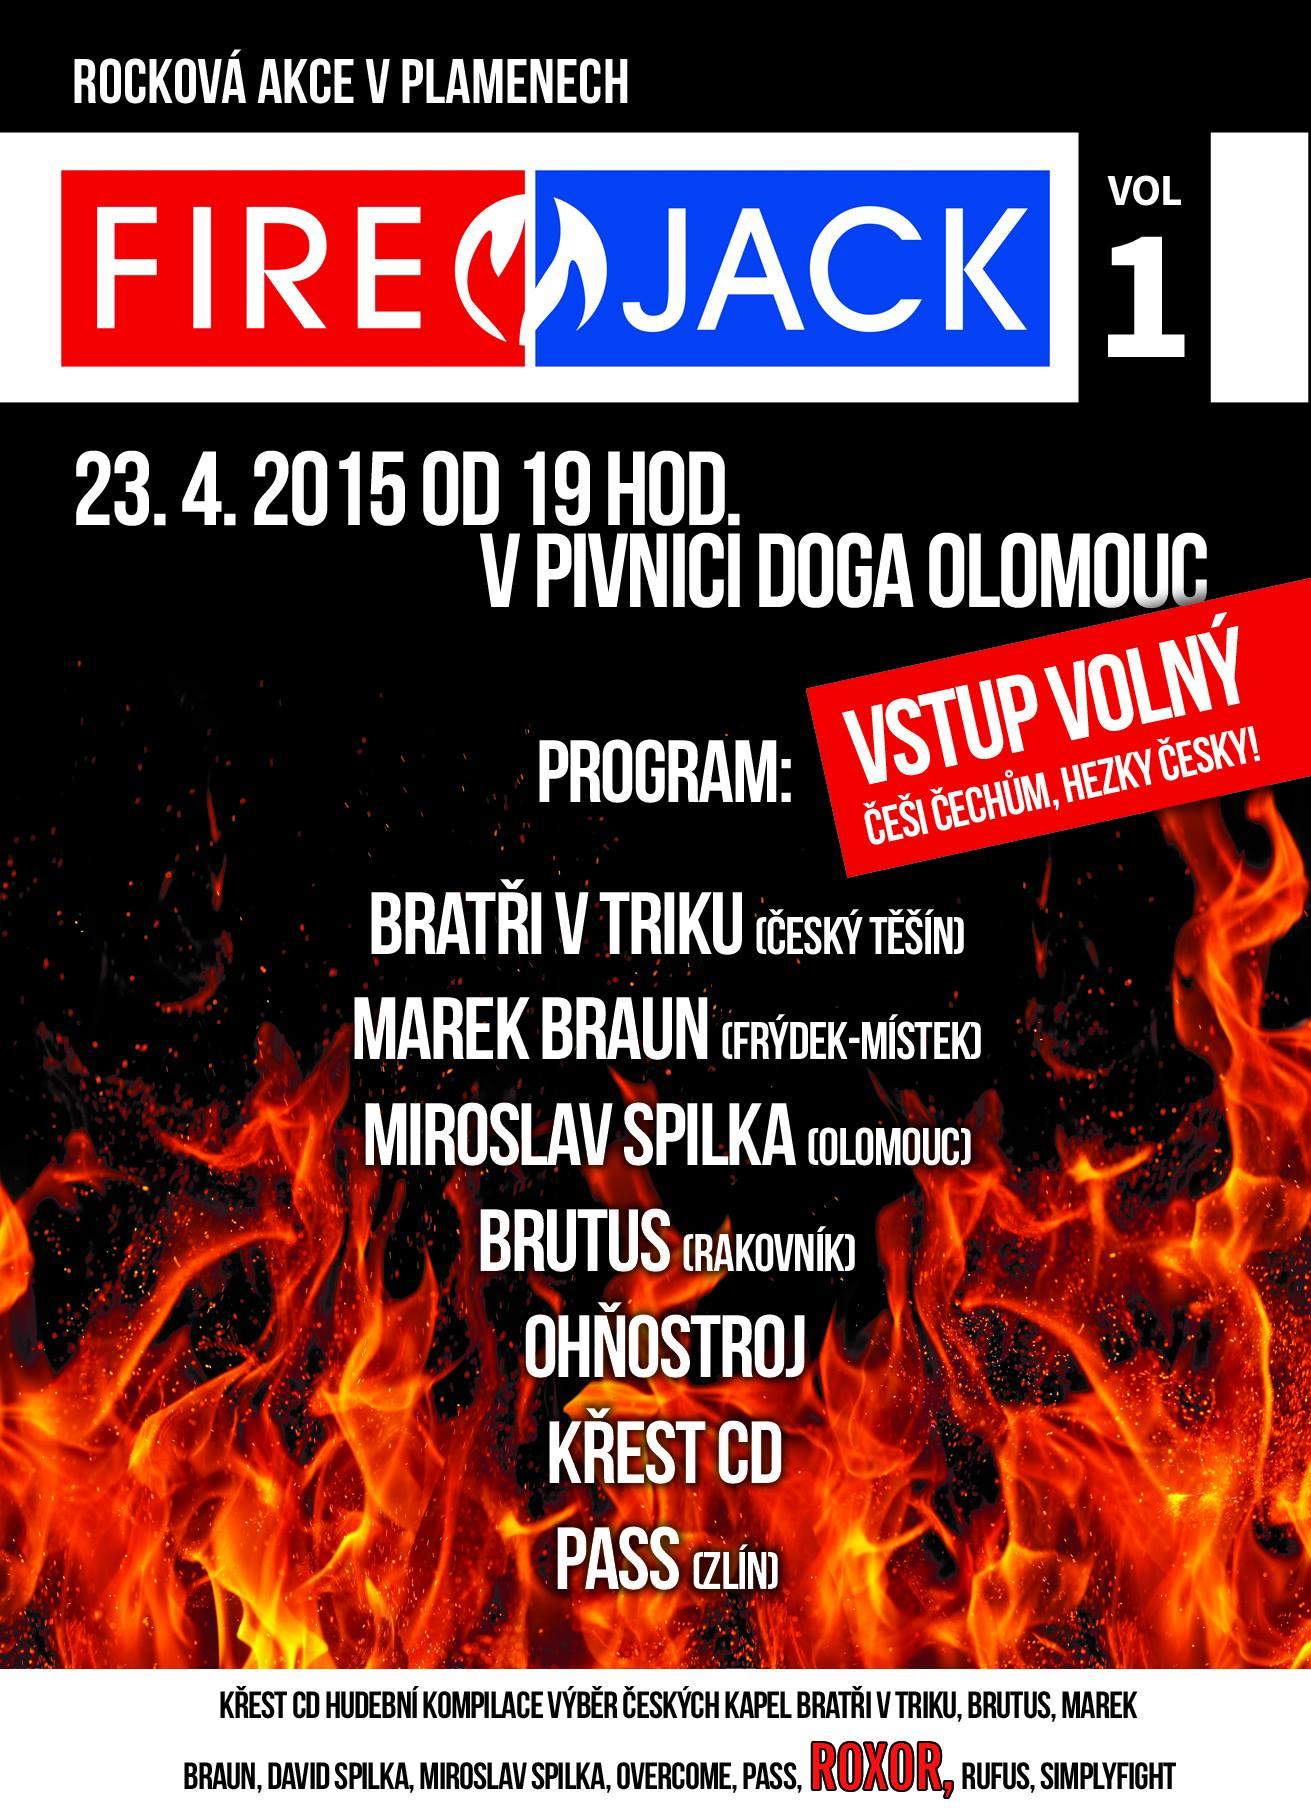 KŘEST VÝBĚRU FIRE JACK VOL.1 V OLOMOUCI !!!